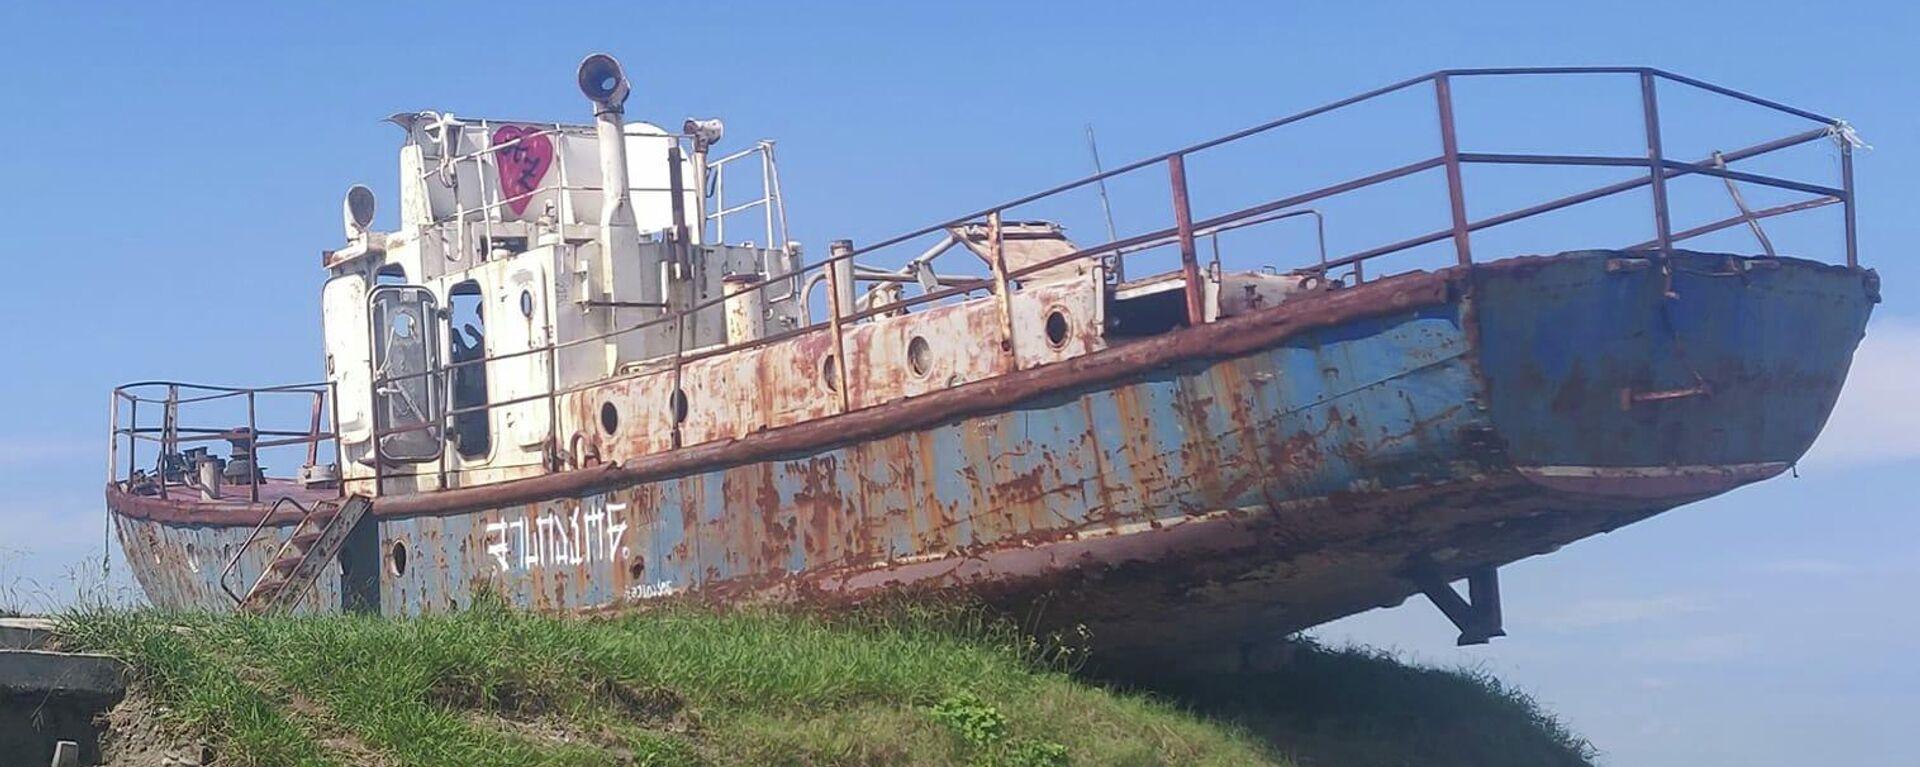 მიტოვებული გემი განმუხურის სანაპიროზე - Sputnik საქართველო, 1920, 21.09.2021